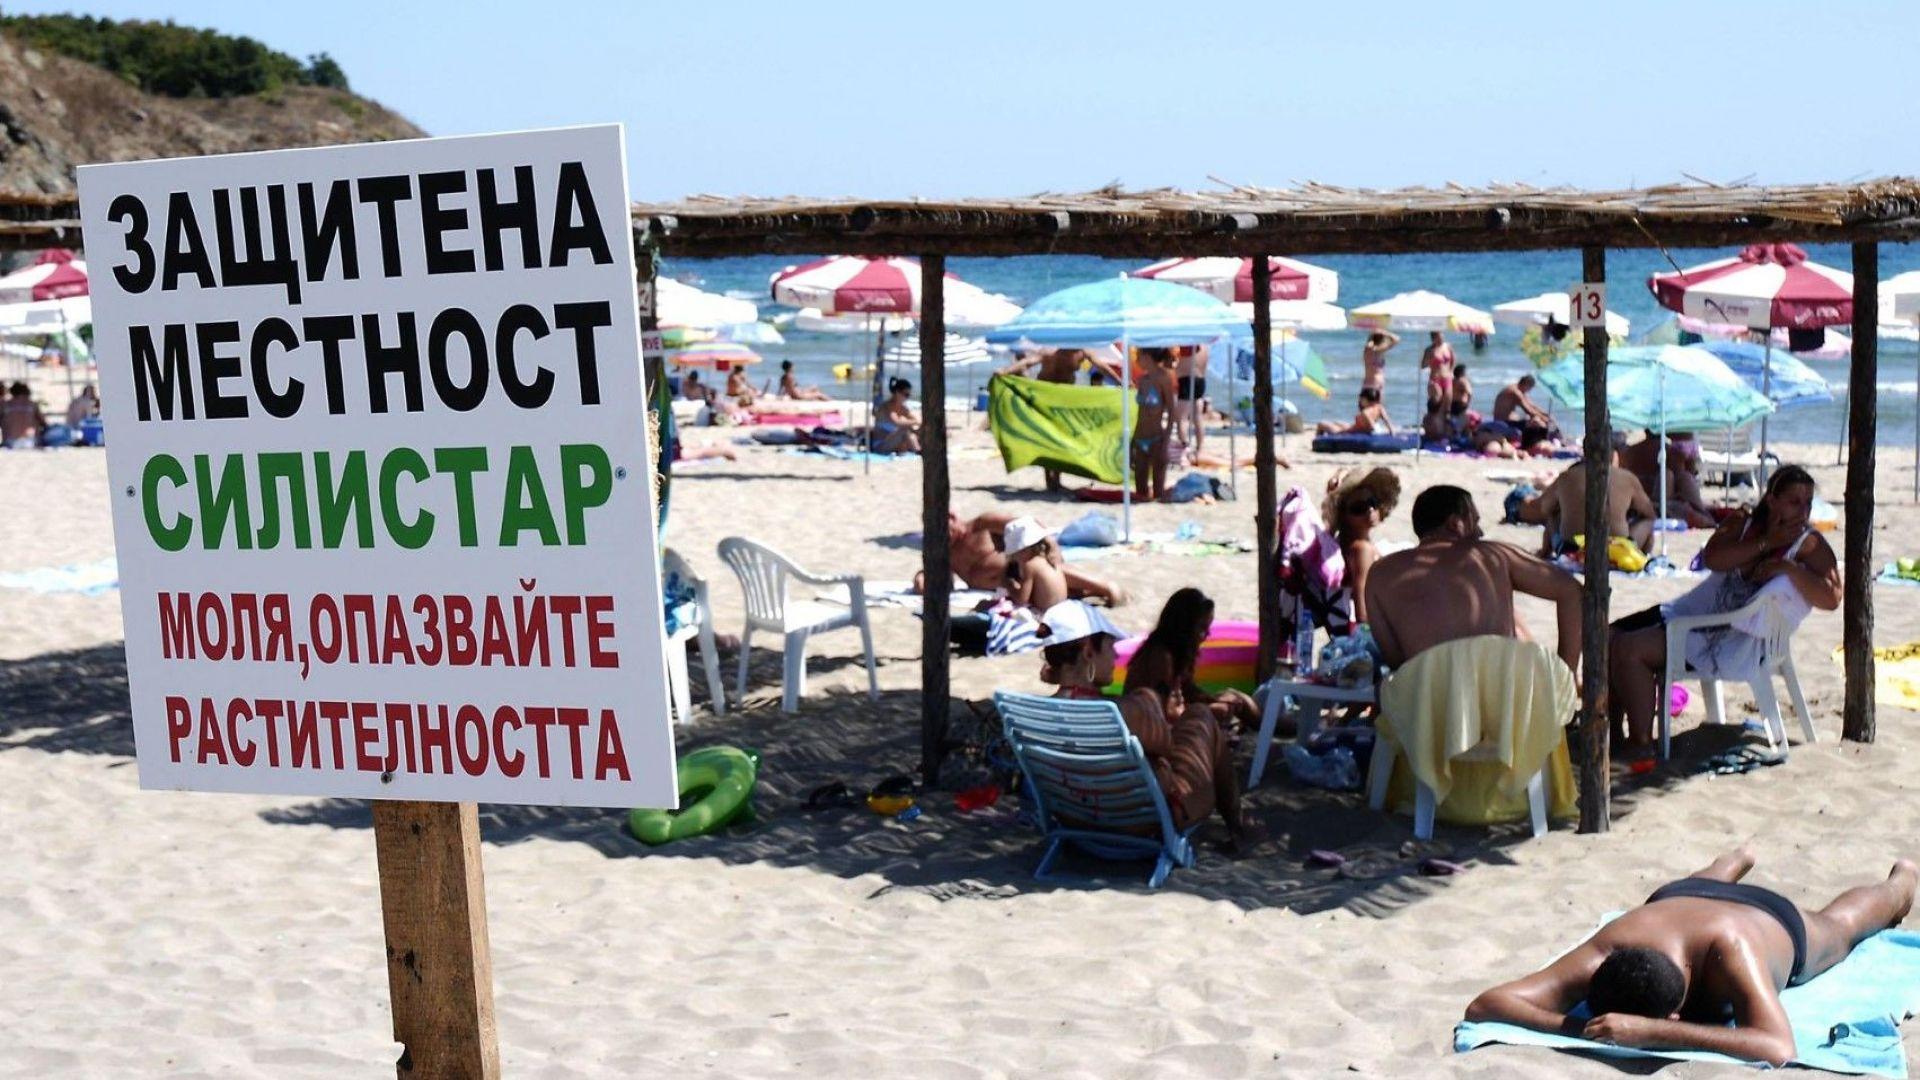 """Борисов разпореди на кмета на Царево да не изпълнява решението на ОбС по казуса """"Силистар"""""""